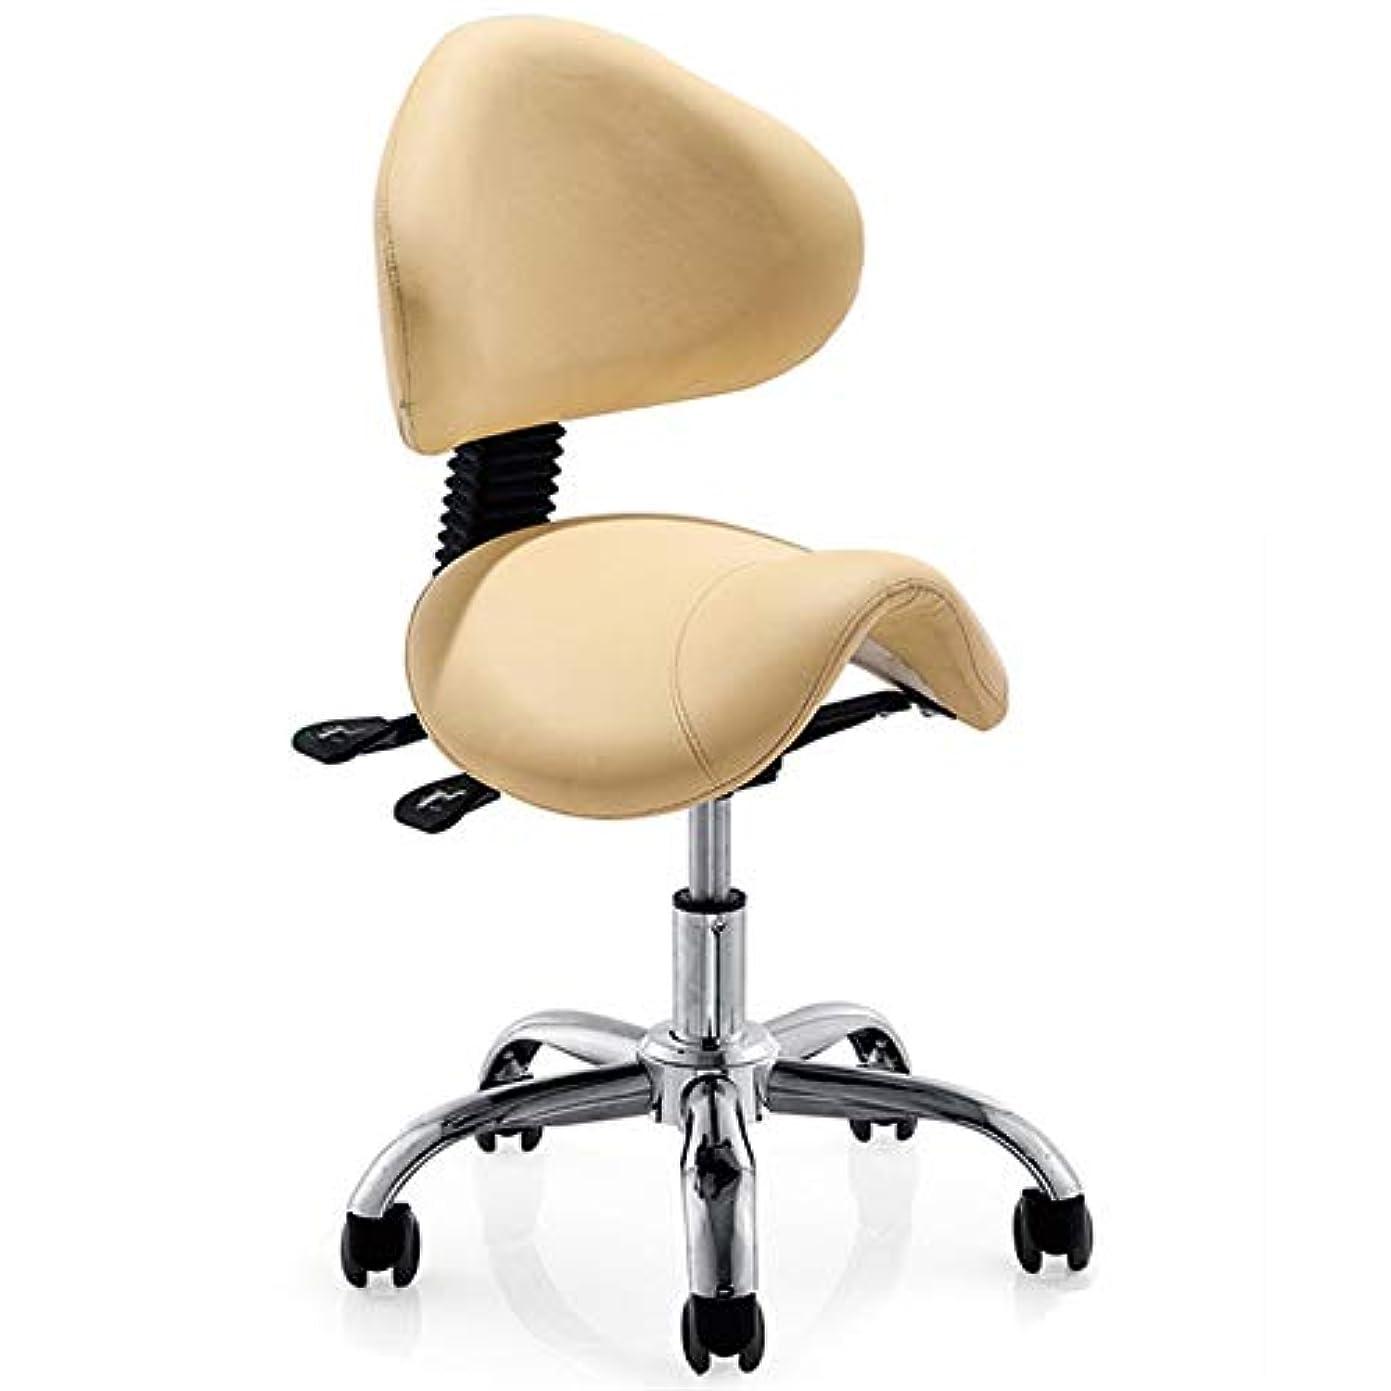 敵オプショナルへこみサロンチェア油圧理髪店チェアサロンスパモデリングチェアファッションエレガントなデザイン回転可能な調節可能な高さ取り外し可能な背もたれ5ローラー,Yellow